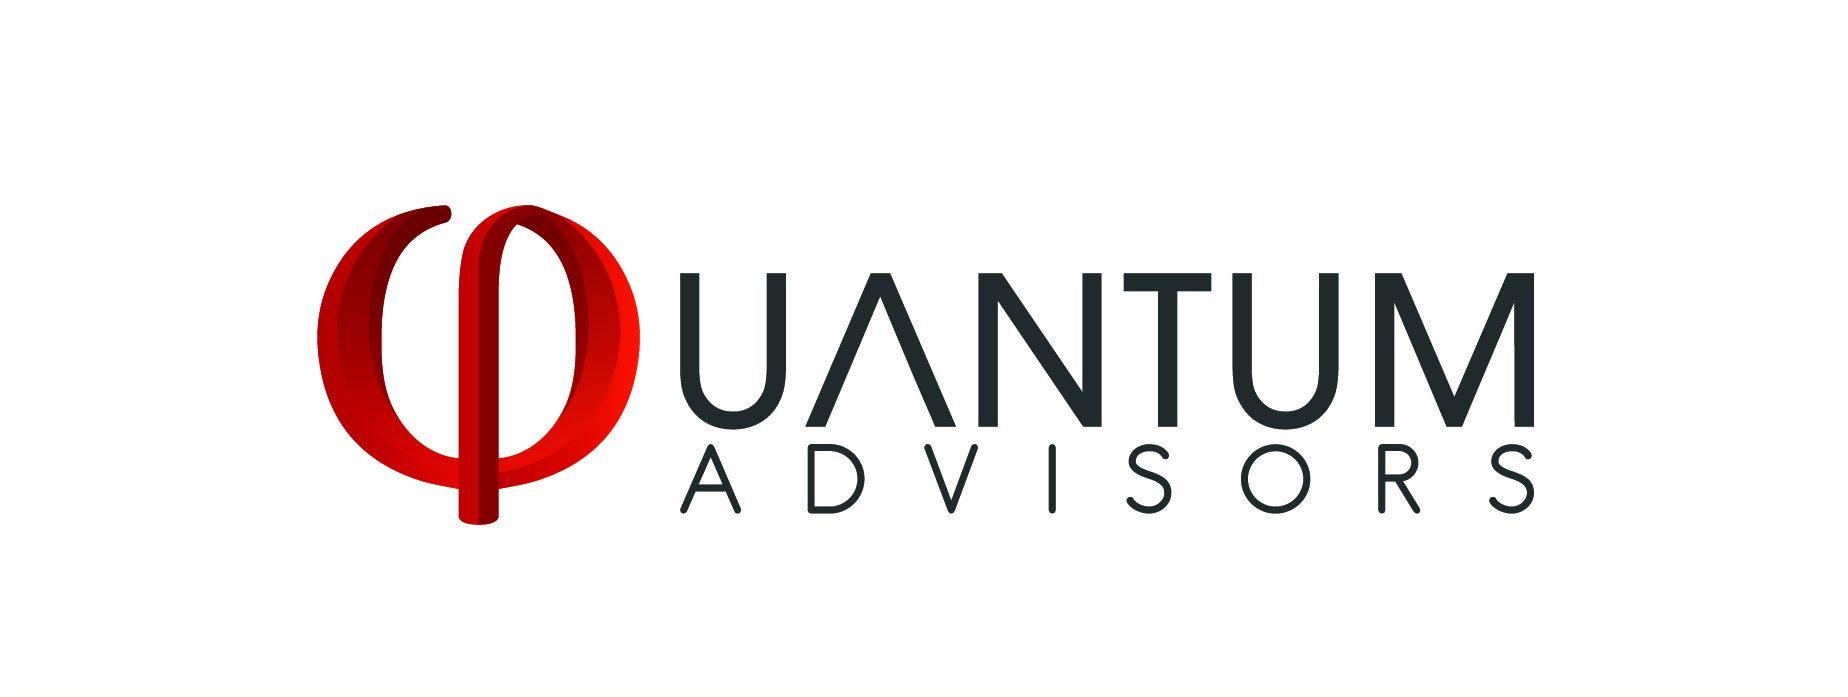 Quantum Advisors